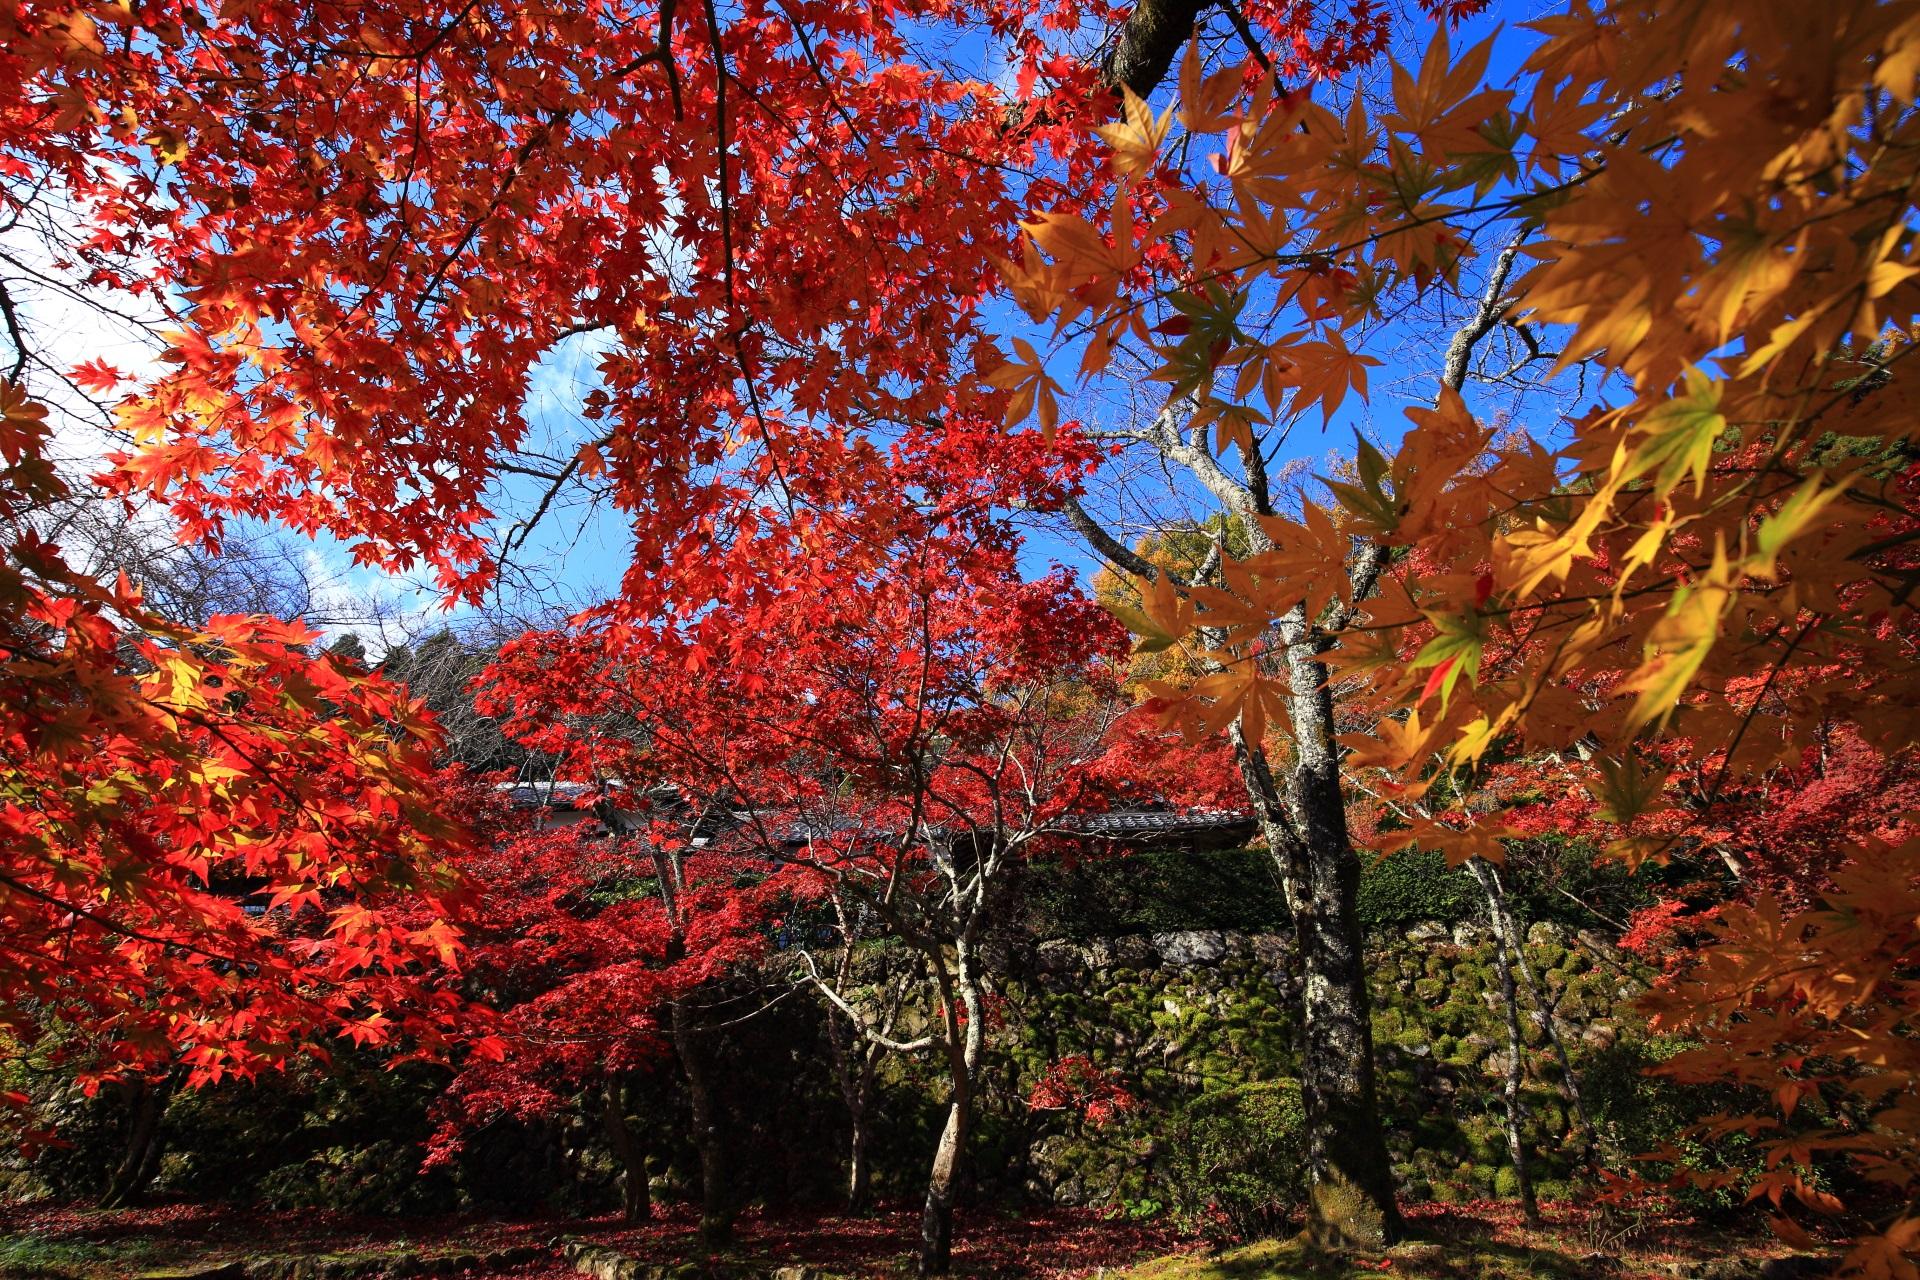 勝持寺の素晴らしすぎる紅葉と秋の情景